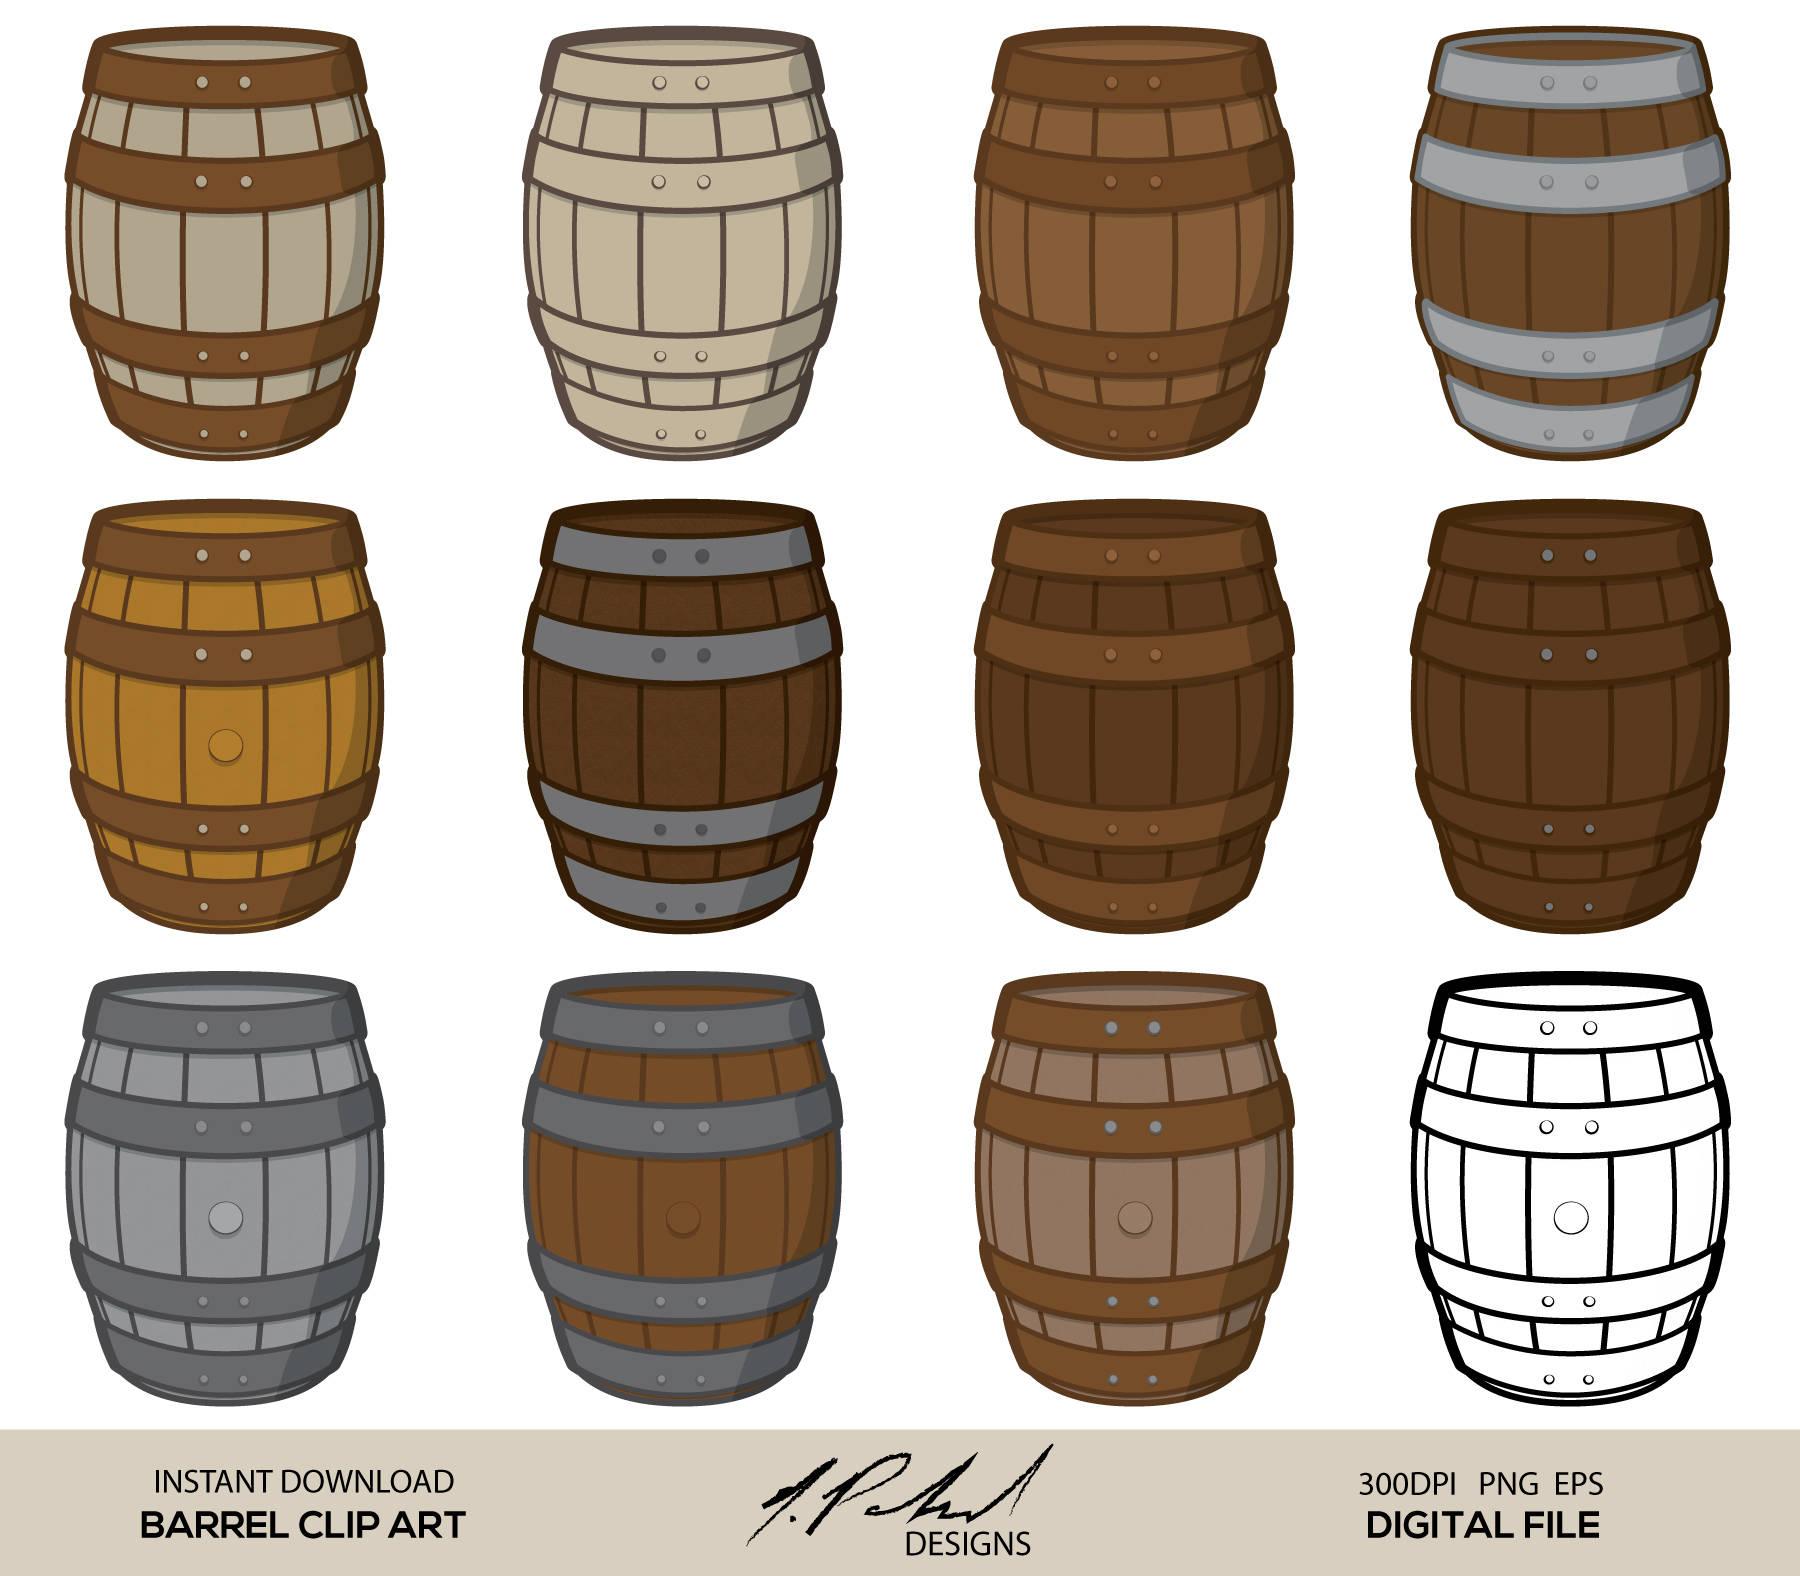 Barrel clipart wood barrel. Digital clip art file